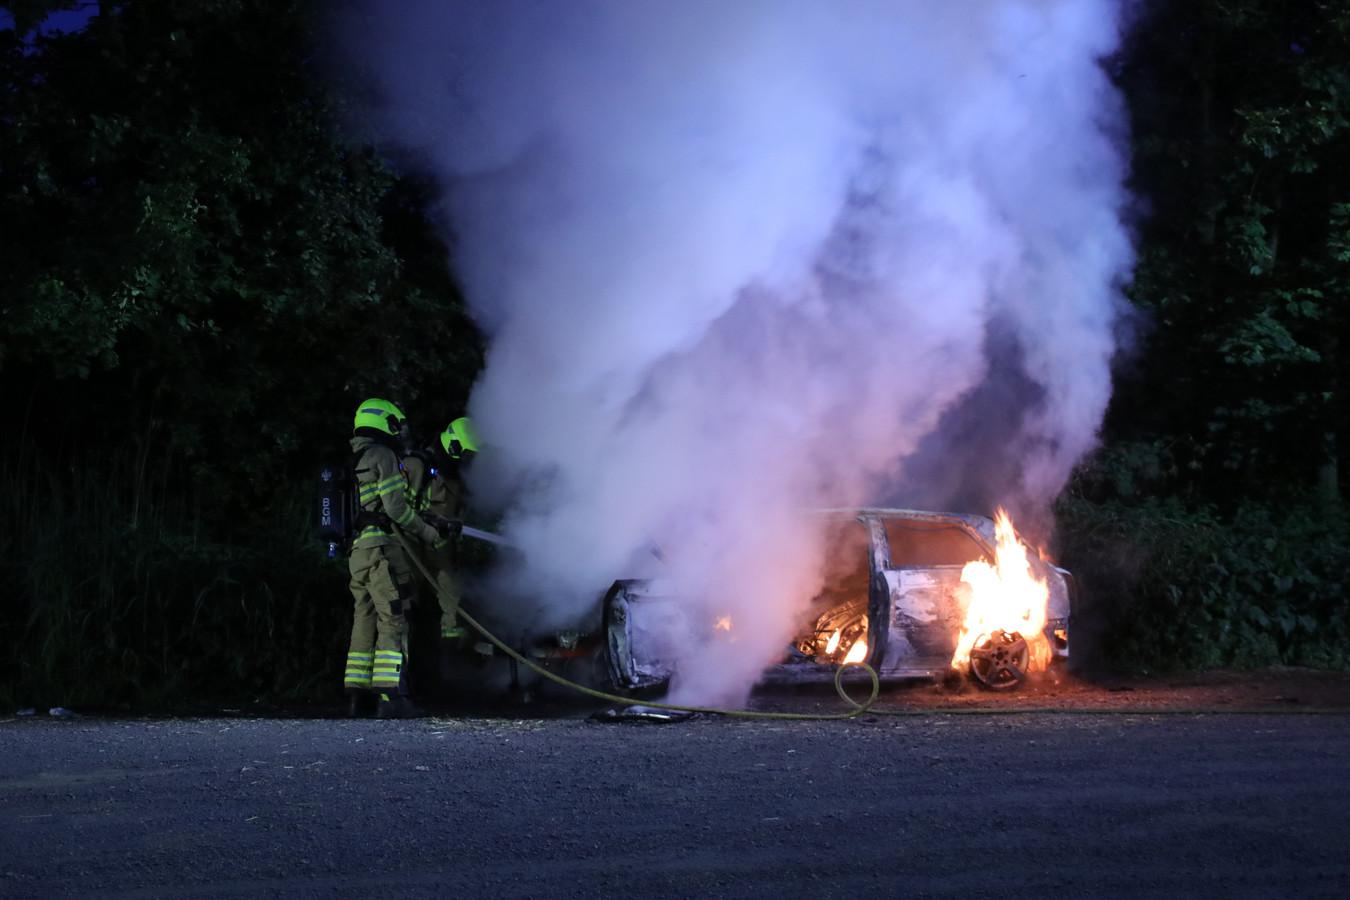 Aan de Scharrenburgersteeg in Lunteren brandde een auto uit